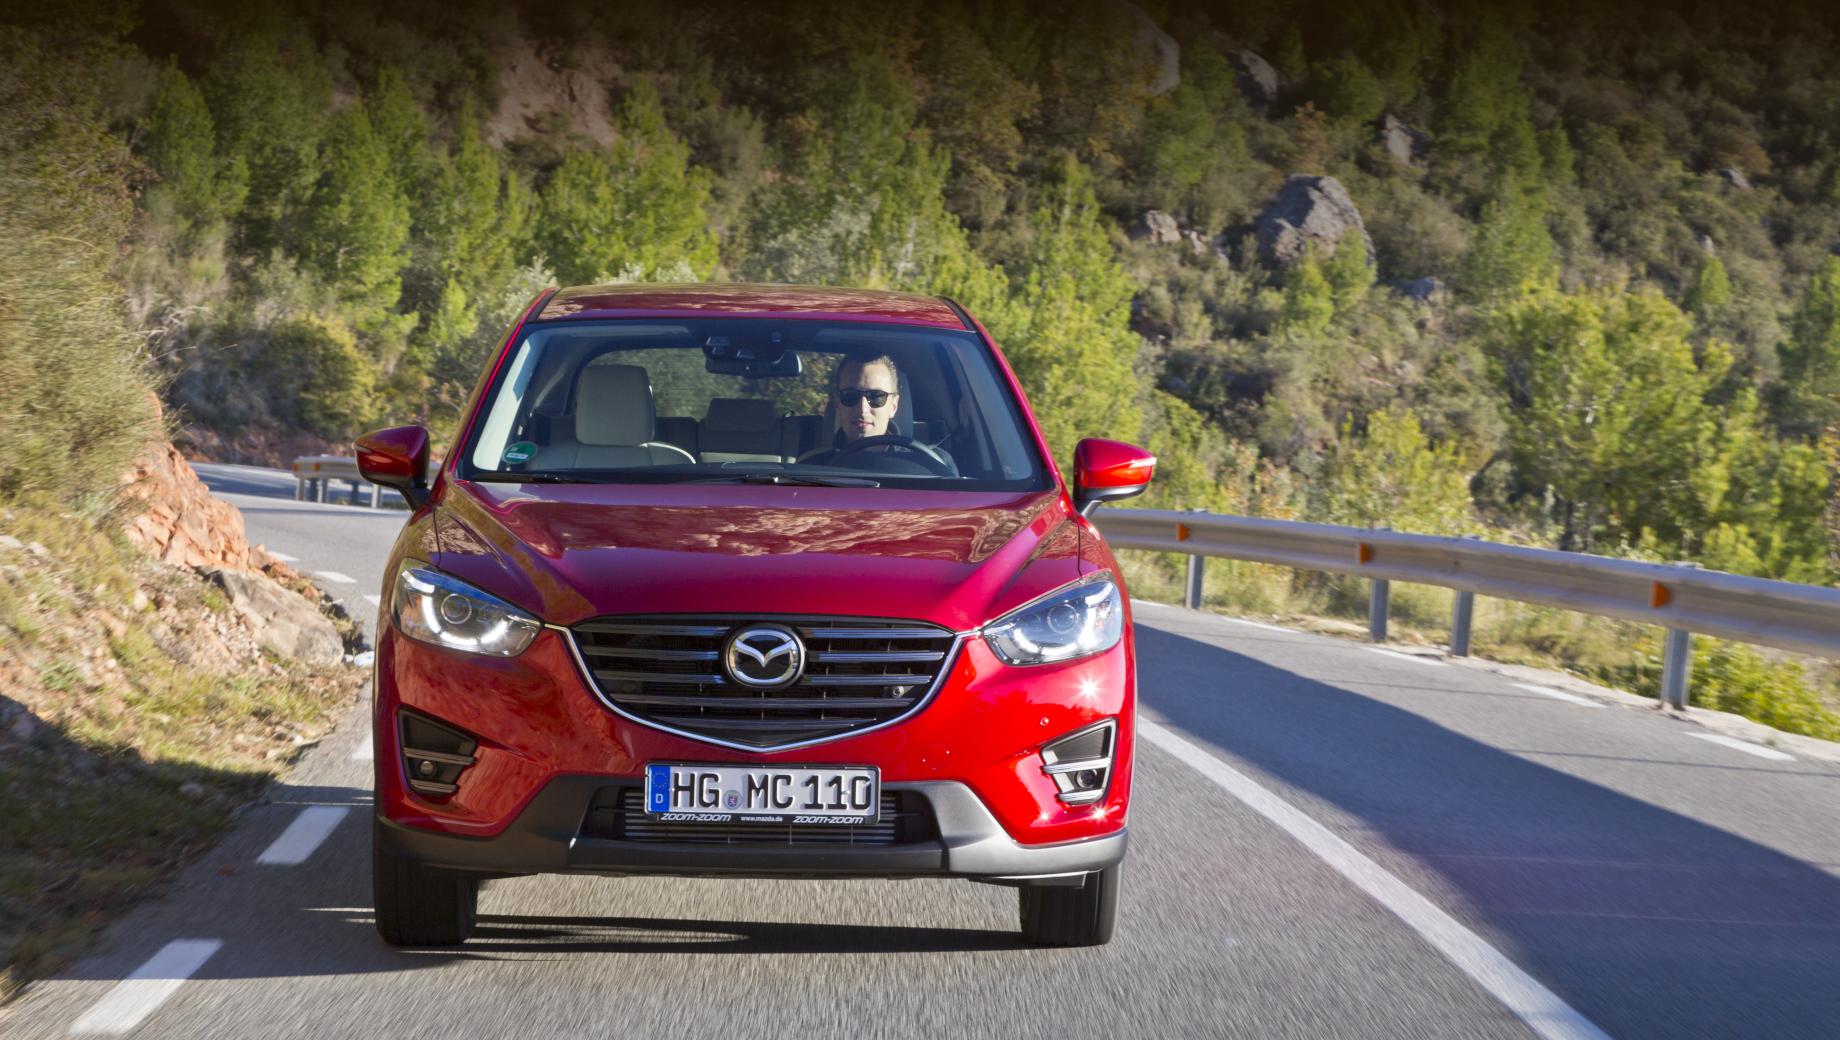 Кроссоверы Mazda CX-5 отозваны на ремонт ходовых огней